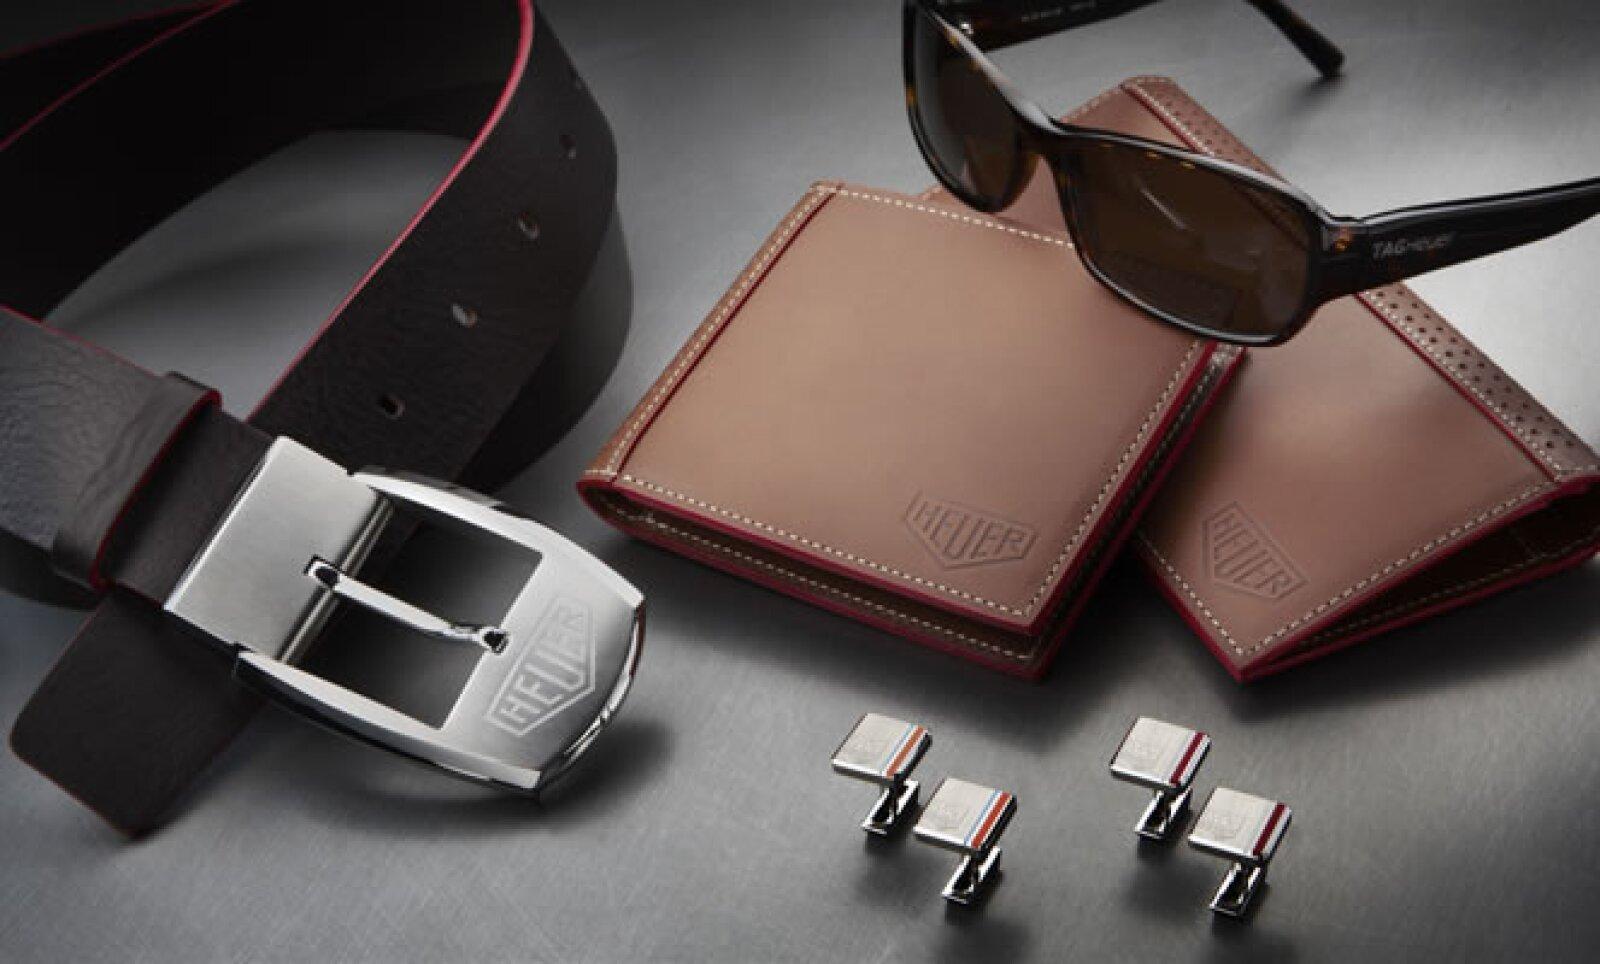 La firma suiza festeja su 150 aniversario con una nueva colección de accesorios. Aquí vemos piezas de la 'Vintage Collection', inspirada en Steve McQueen y los pilotos protagonistas de la película de 1970 titulada LeMans.